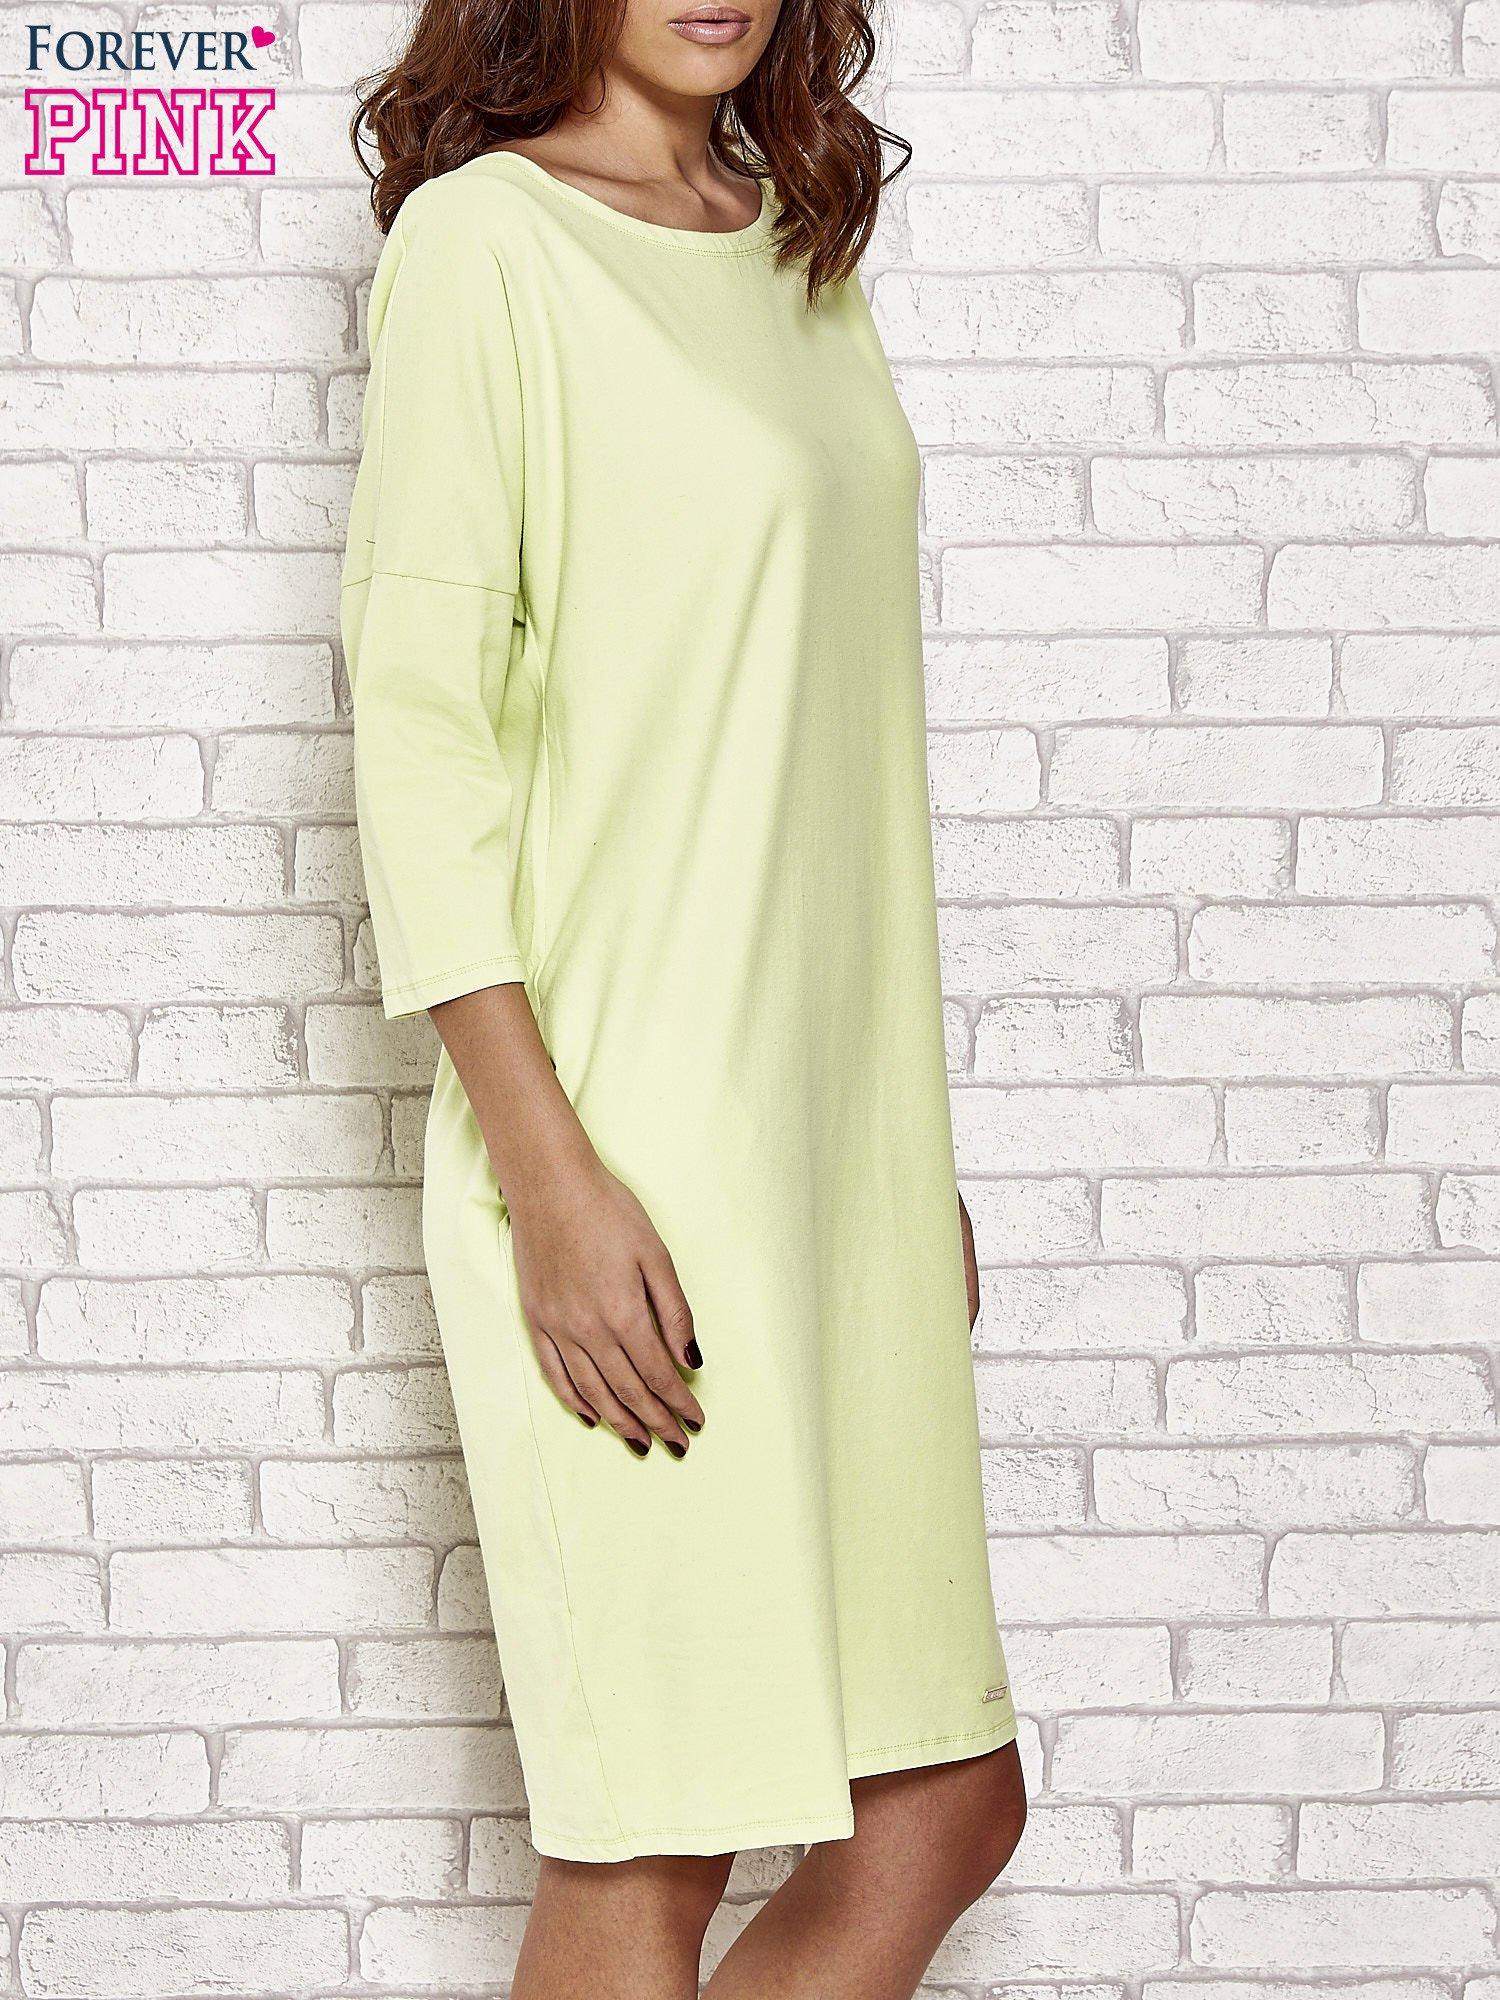 Limonkowa prosta sukienka dresowa                                  zdj.                                  3